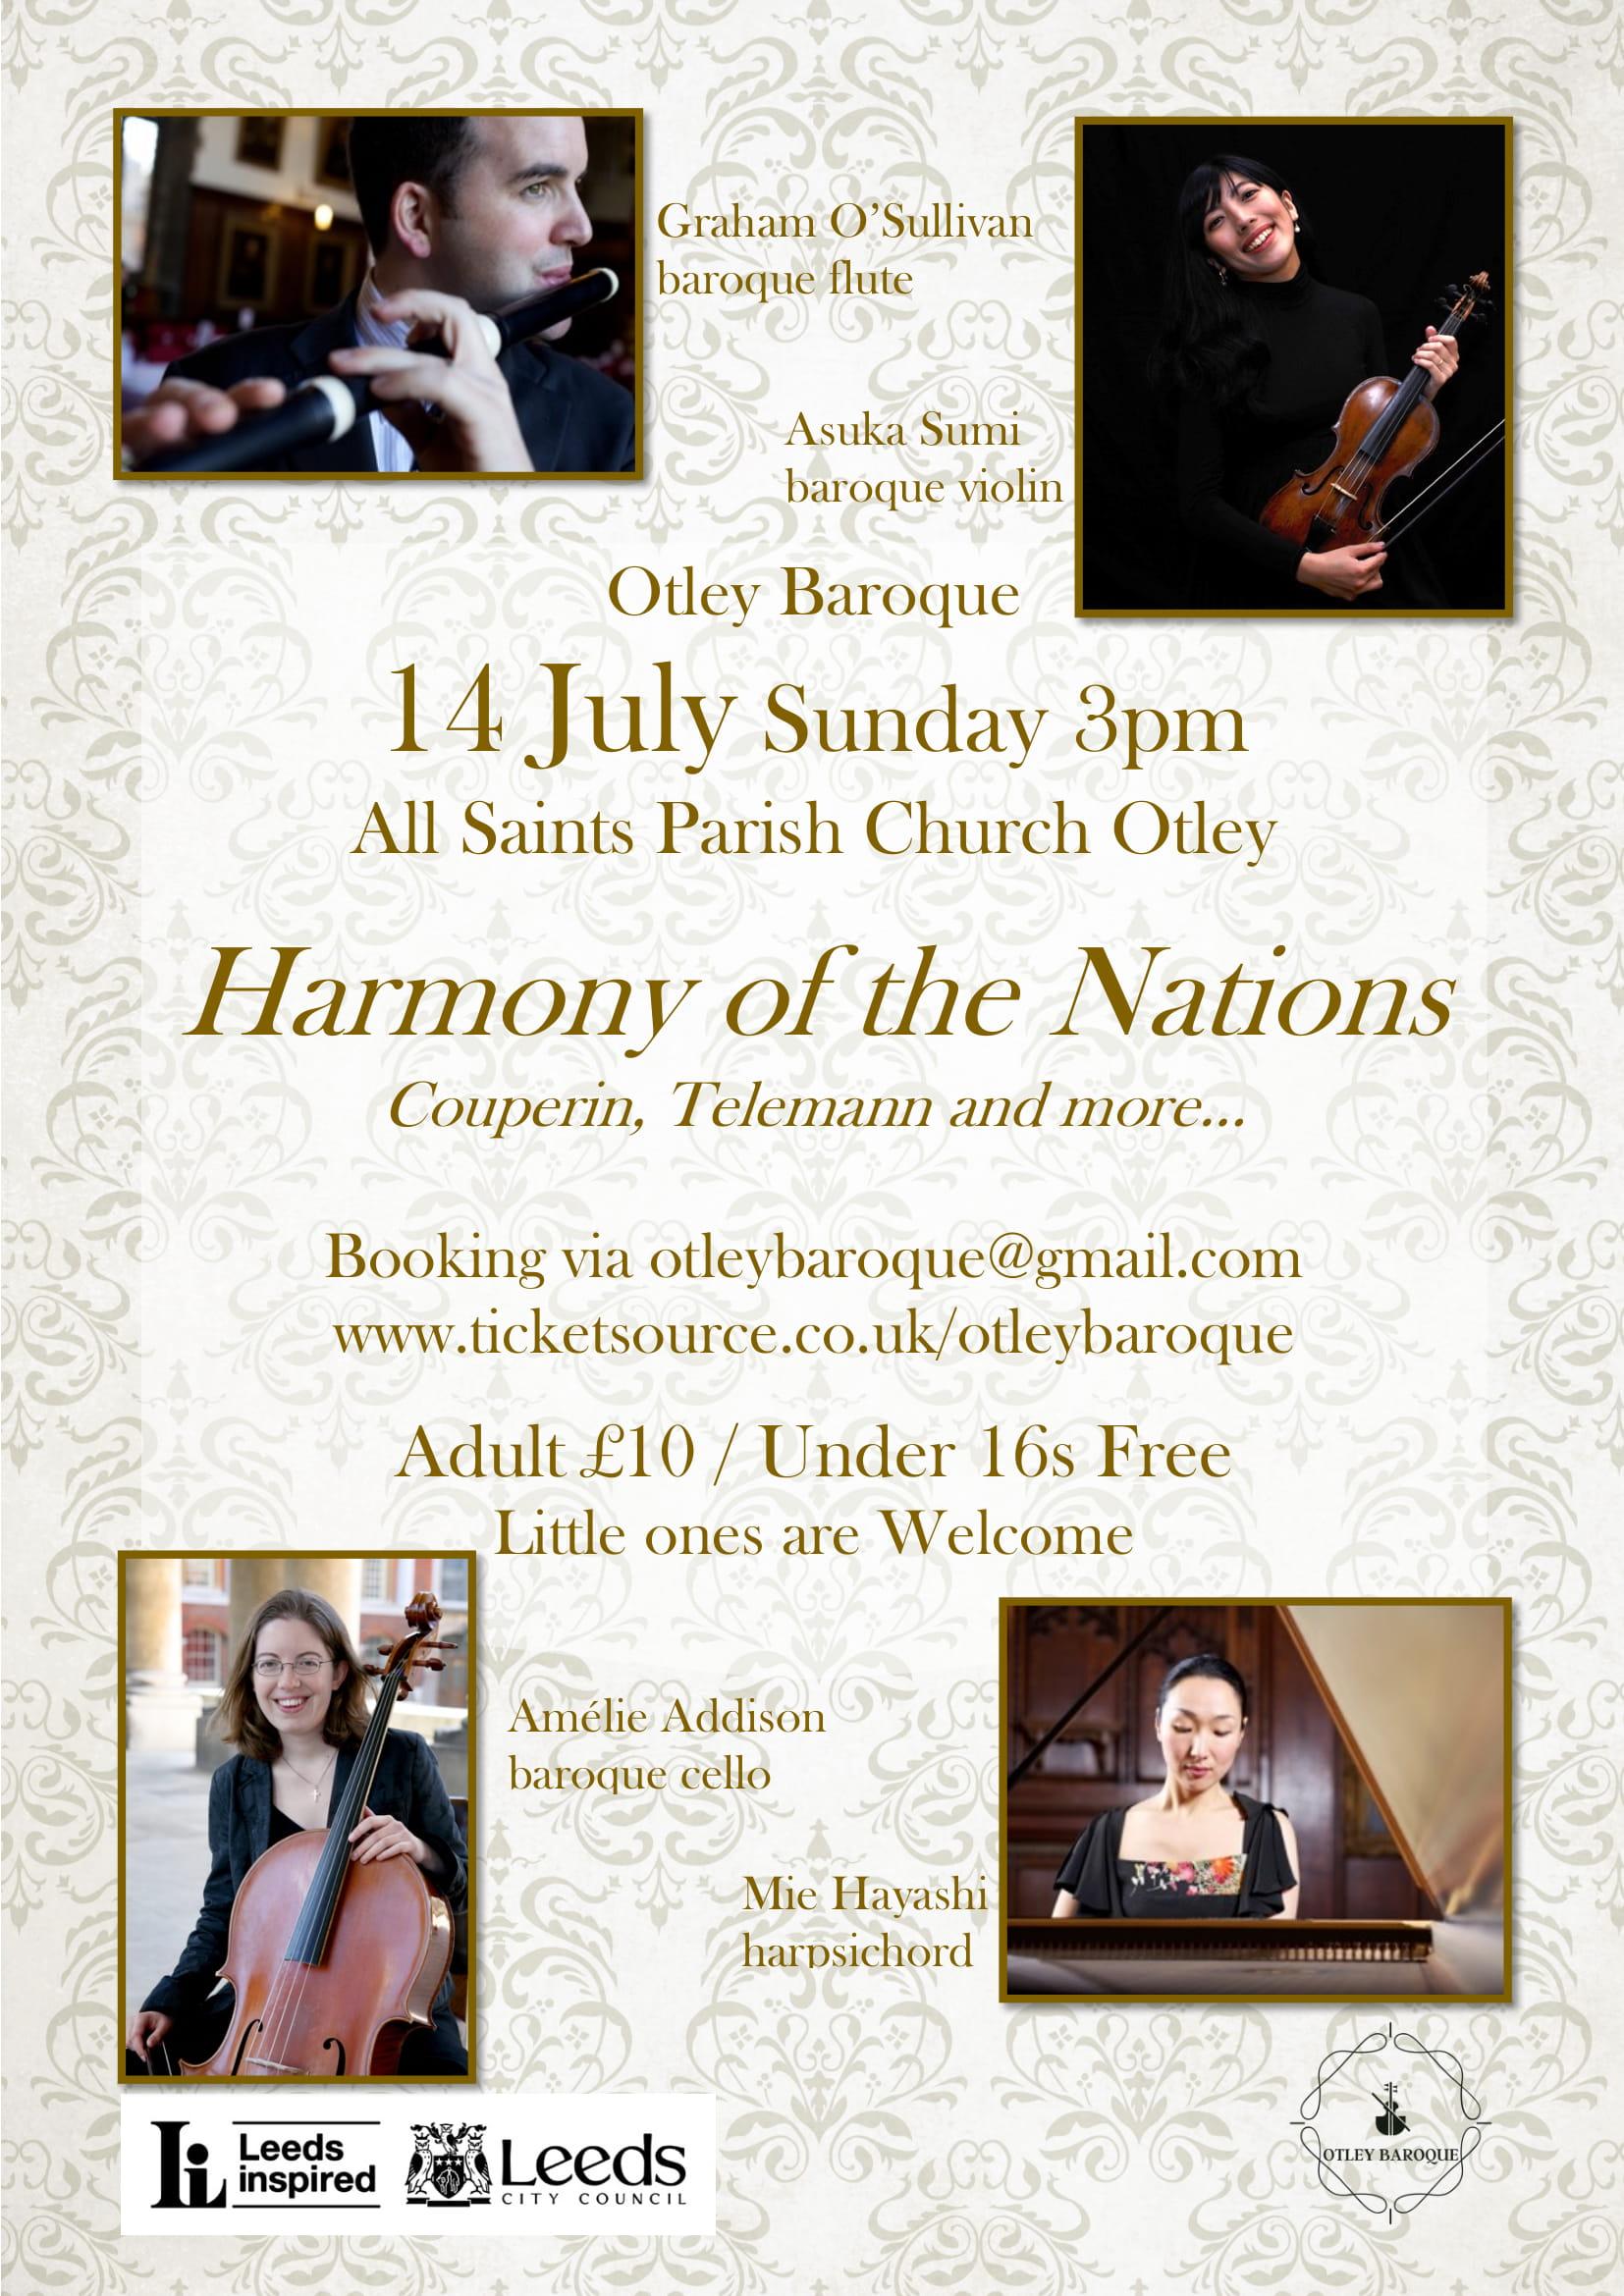 July Otley Baroque Flyer-1